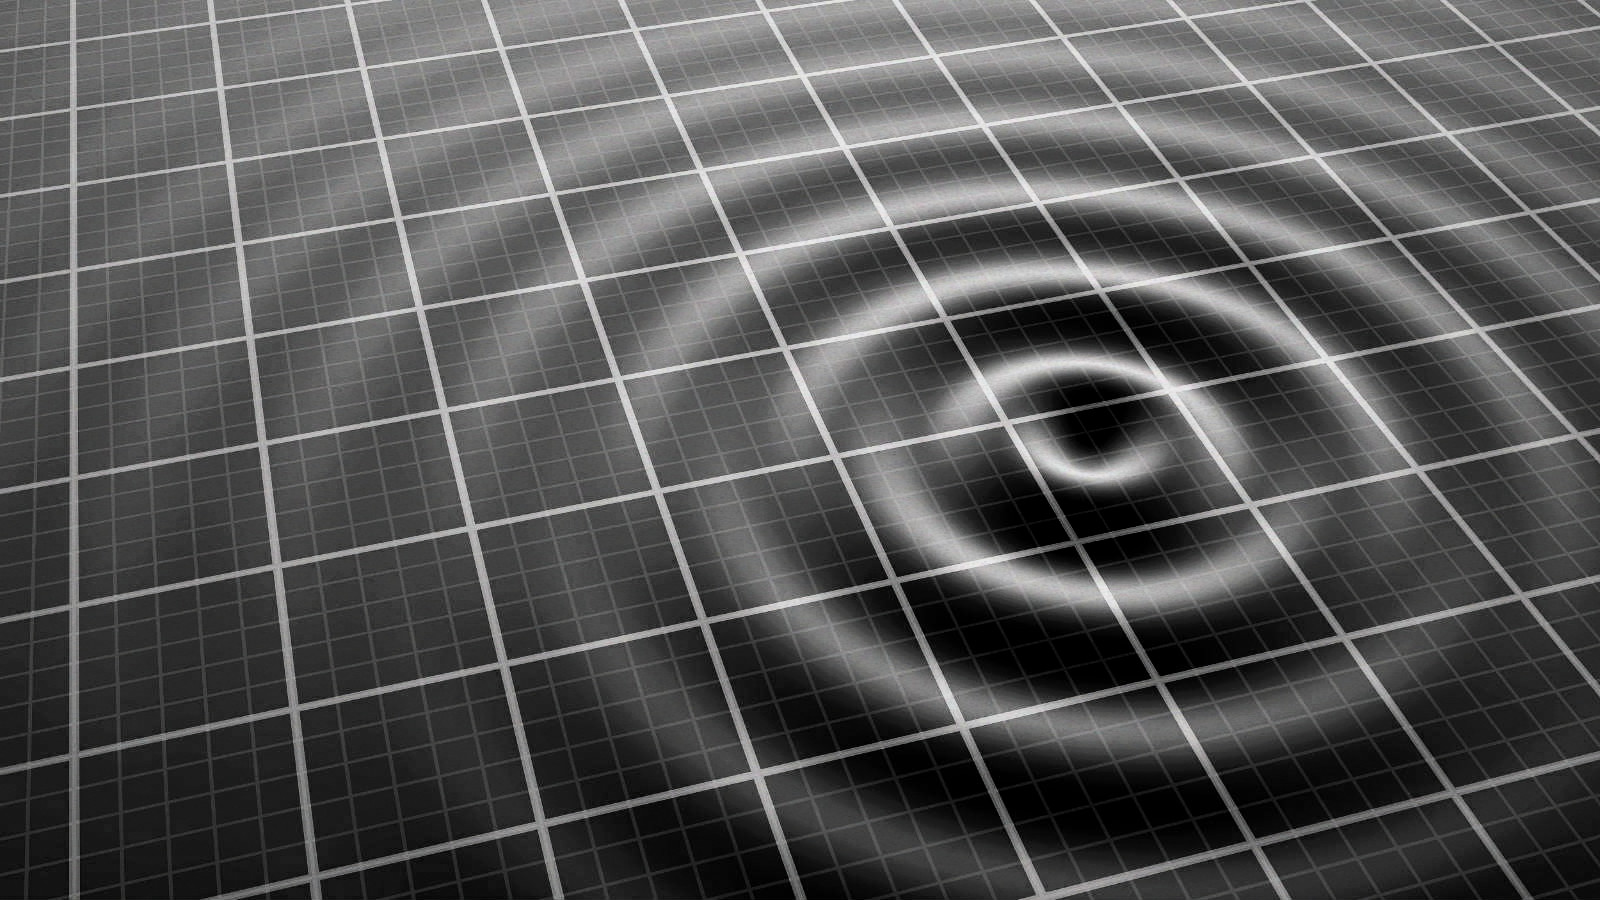 5.3-magnitude quake hits 121 km east of Pangai, Tonga: USGS